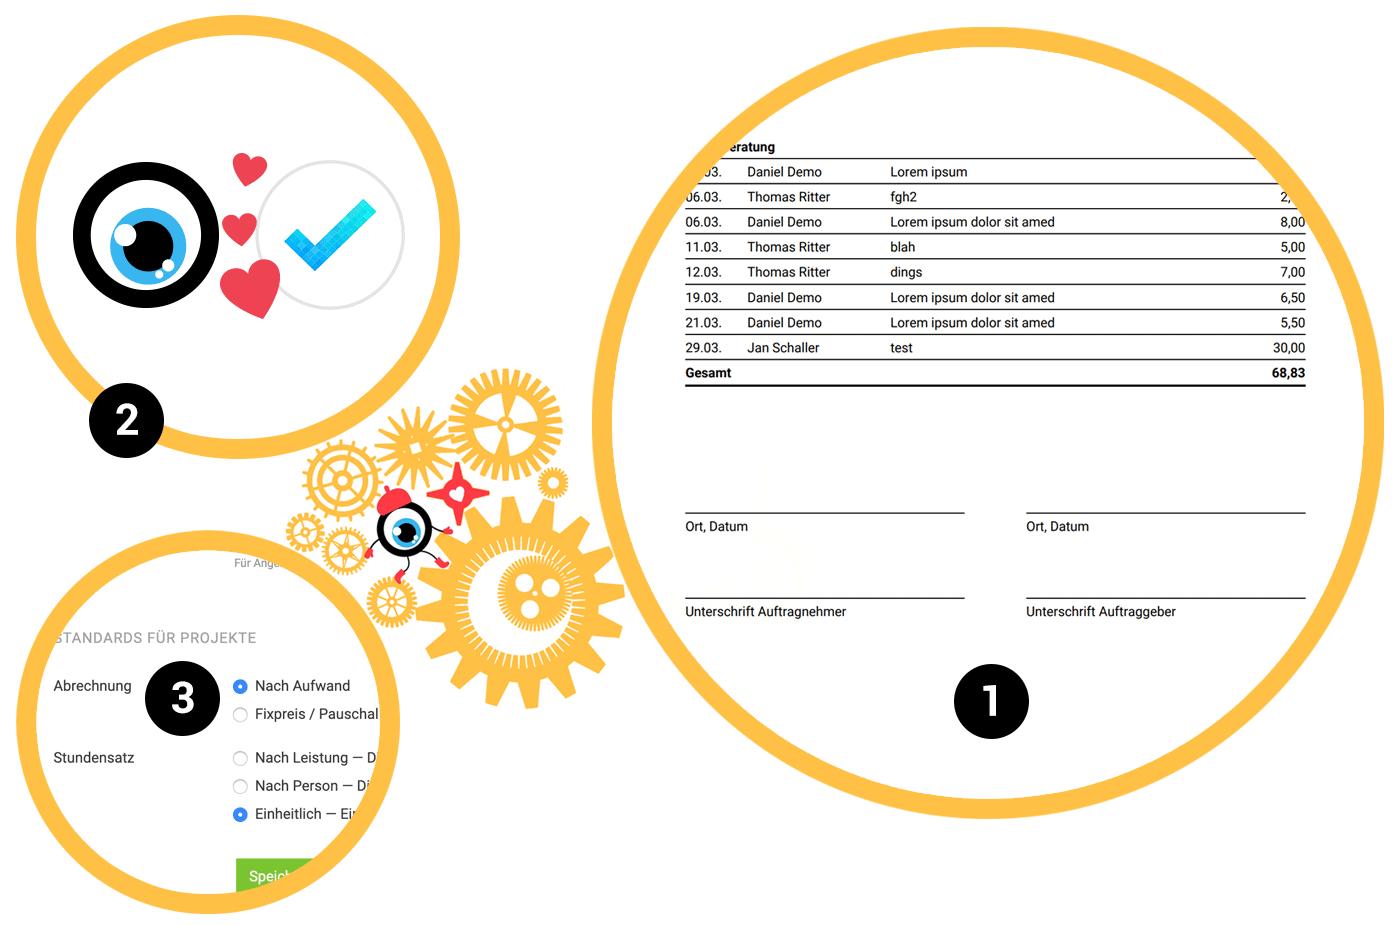 Meistertask und MOCO arbeiten zusammen. Unterschrift Stundenauszüge